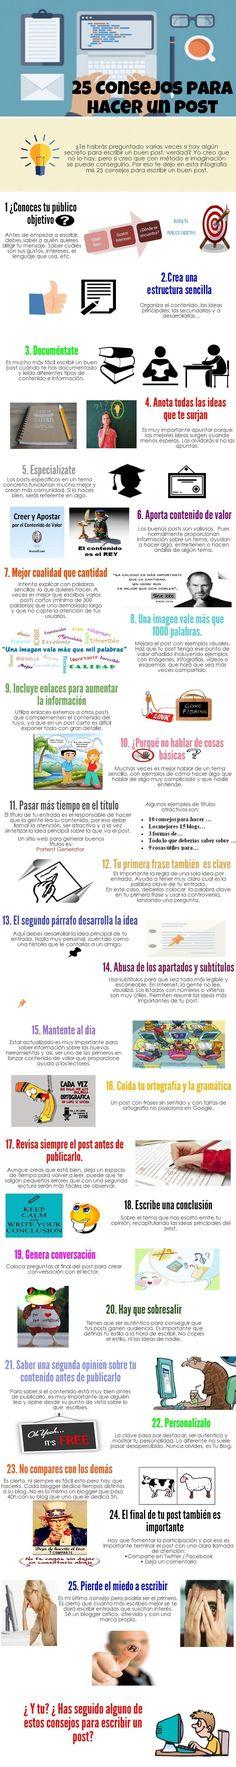 Fuente│Cláudio Inácio: 25 consejos para hacer un post